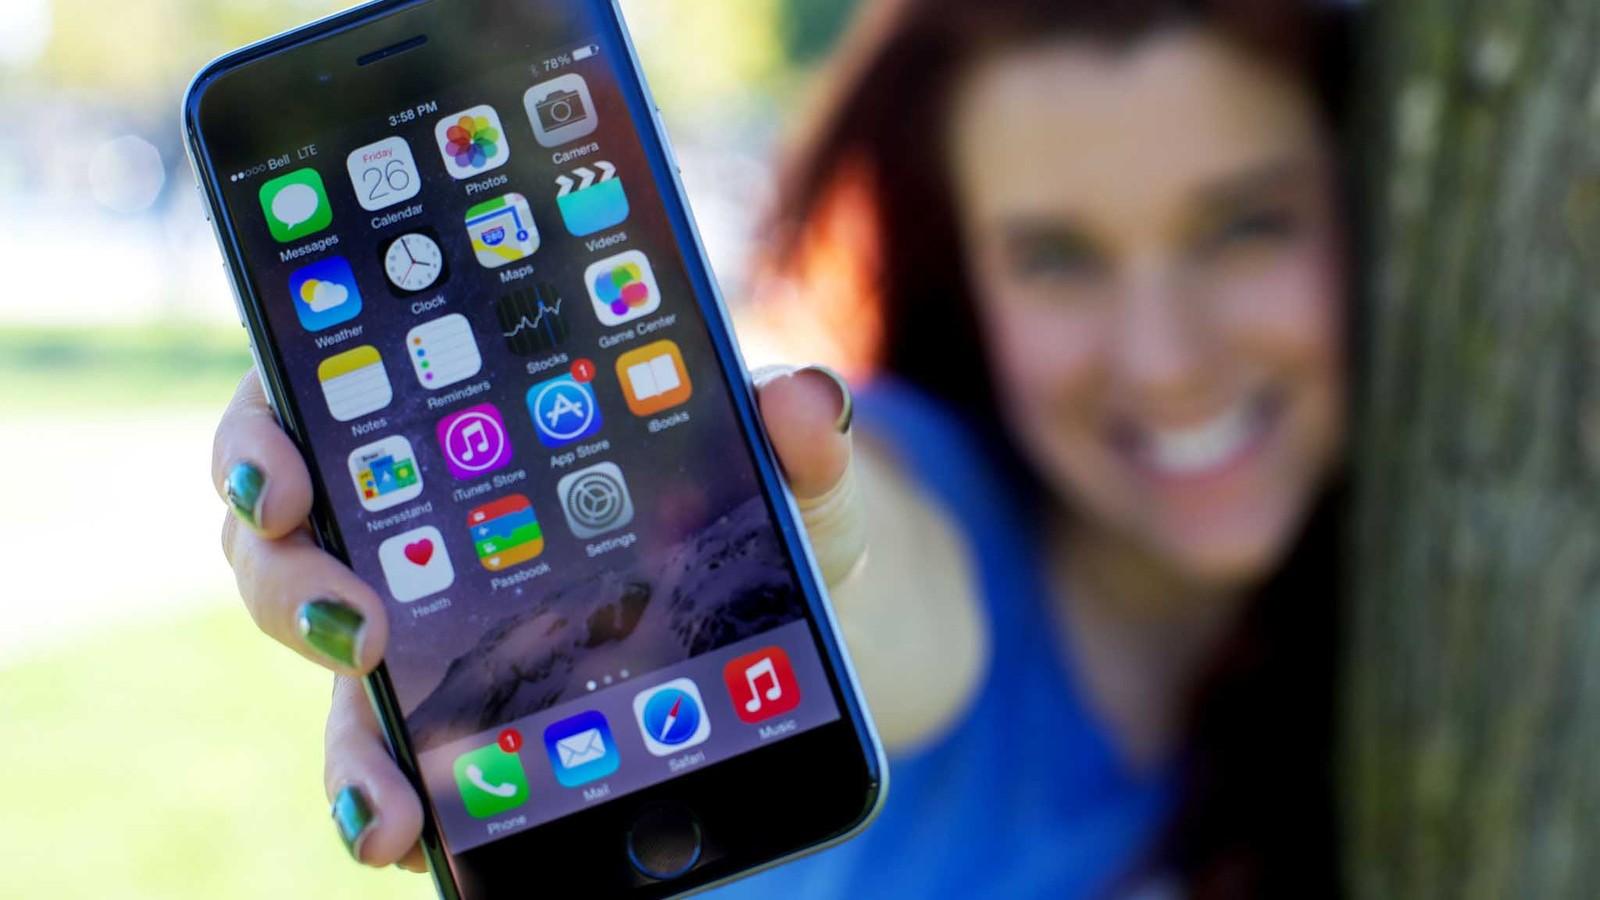 Iphone Silinen Fotograf Ve Dosyalari Geri Getirmek Basit